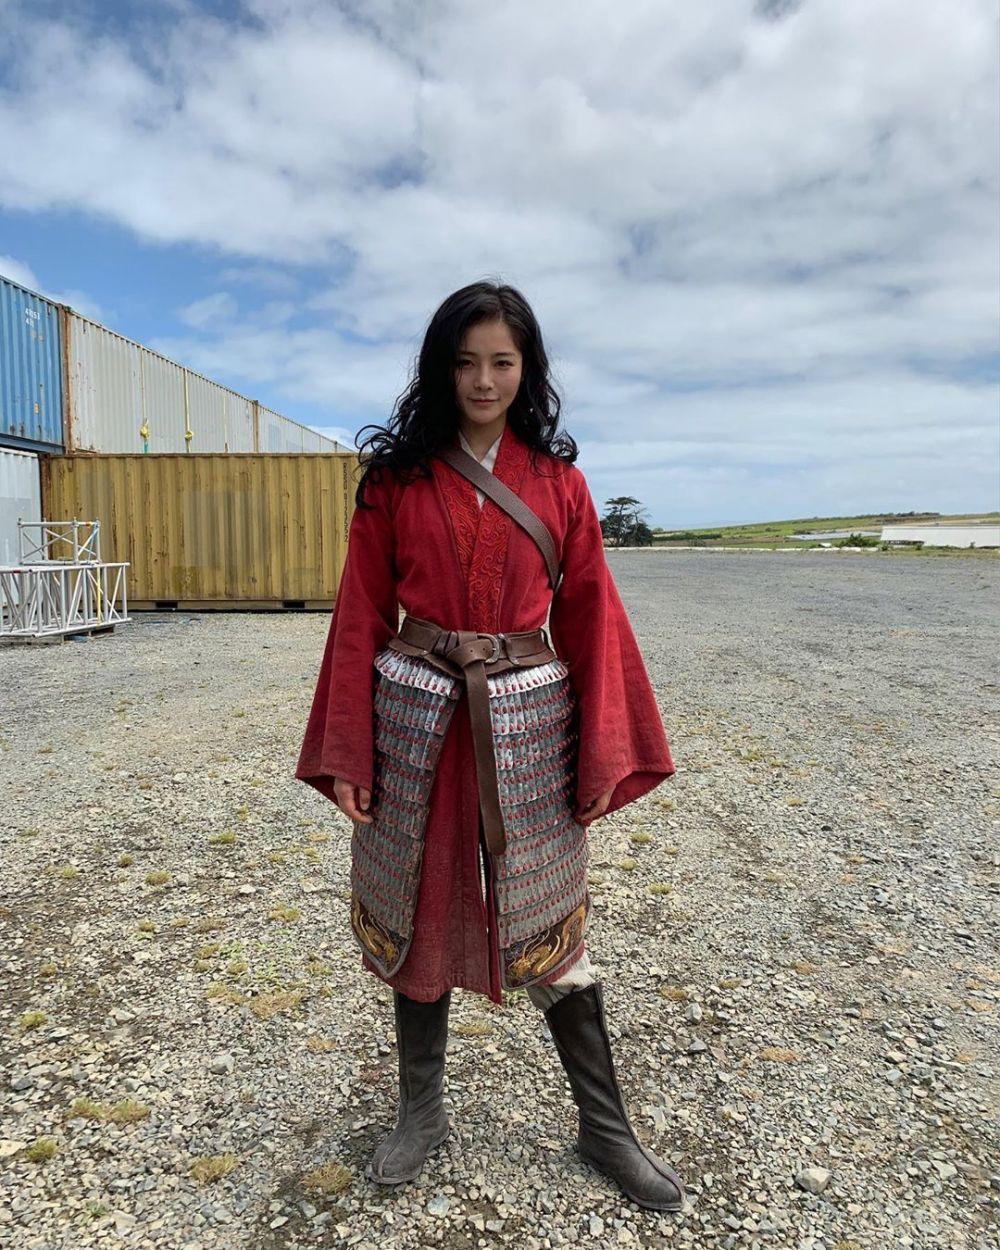 10 Potret Kece Liu Yaxi, Pemeran Pengganti Liu Yifei di Film 'Mulan'